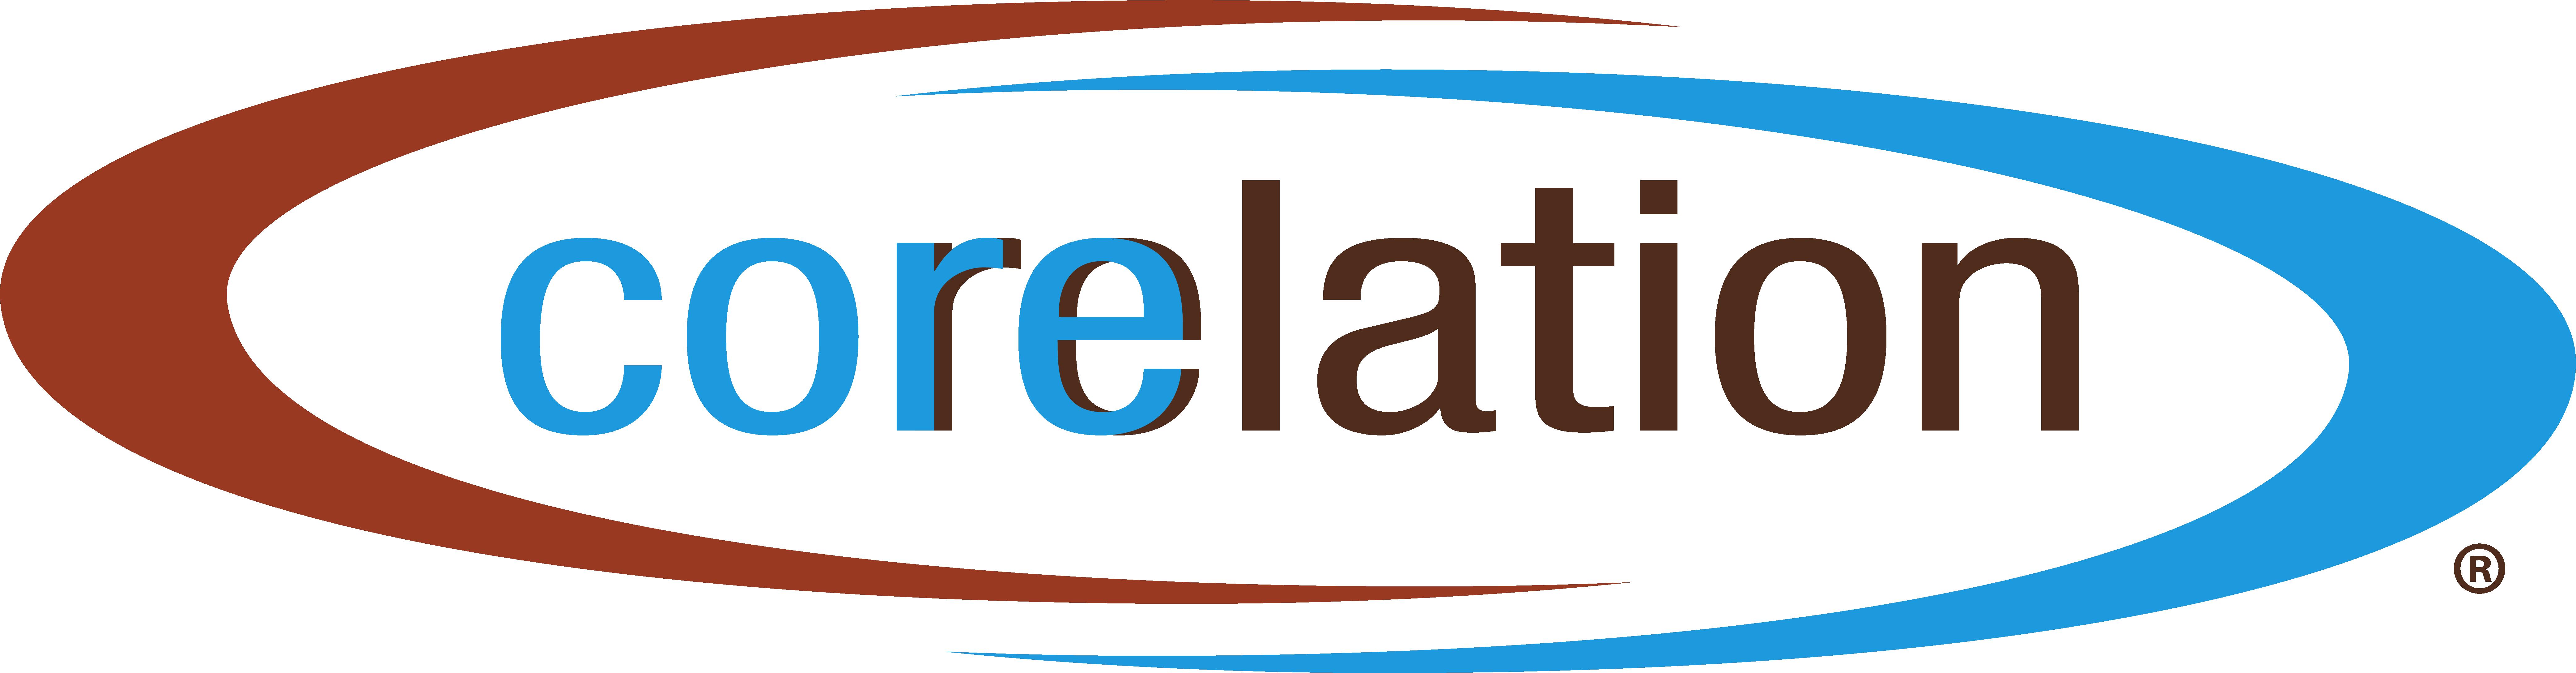 Corelation, Inc. logo